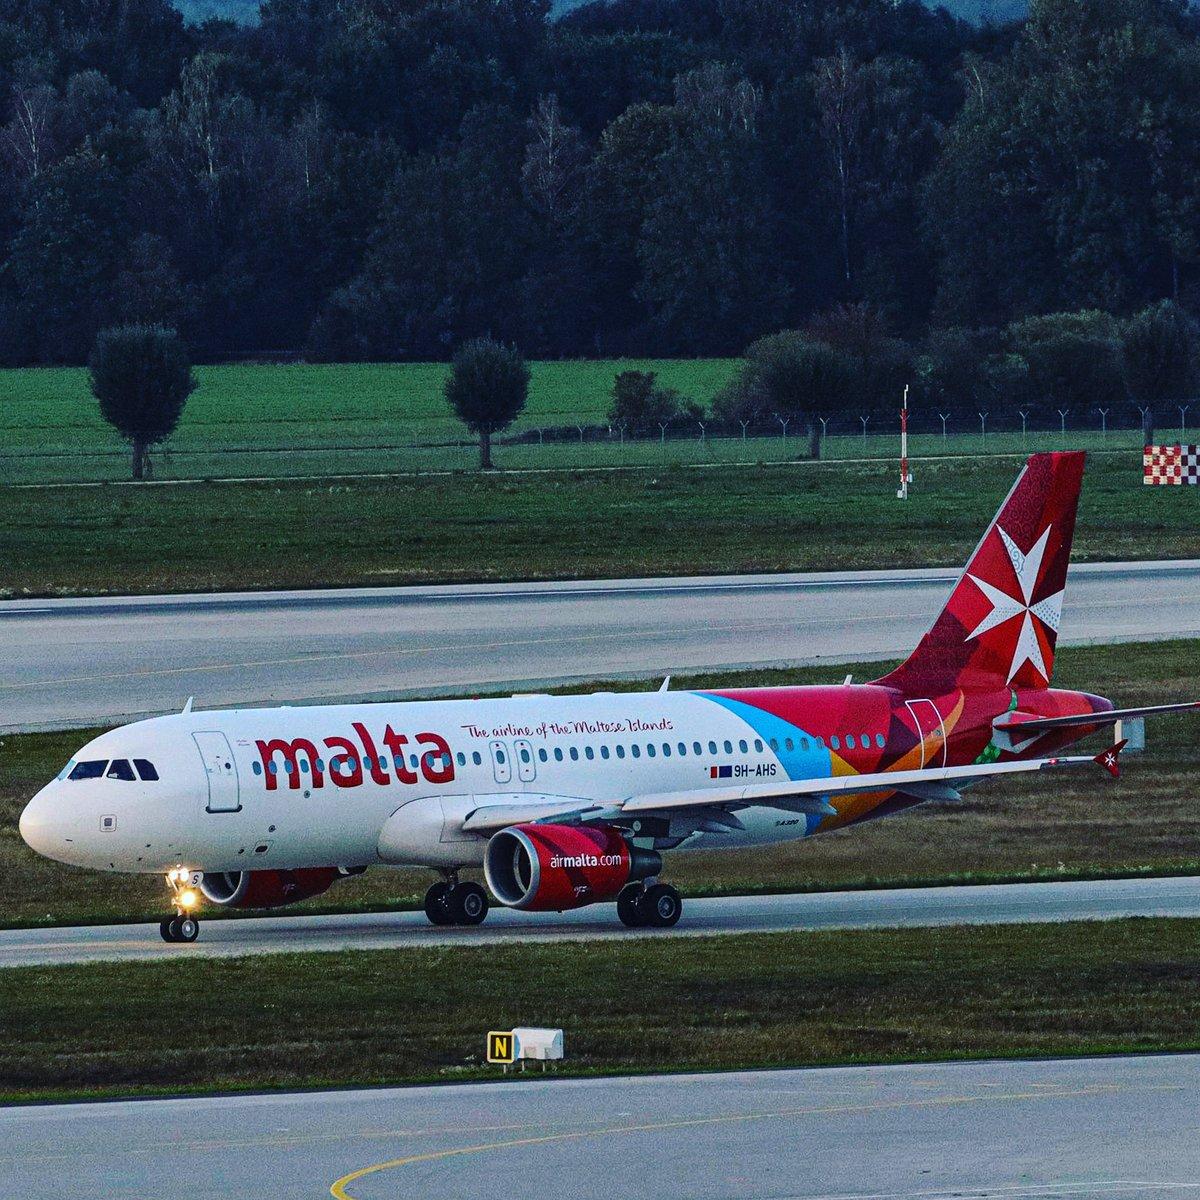 Air Malta A320 on its way to 08L.  #münchen #munich #airport #airportlife #airmalta #airbus #a320 #airbusa320 #airbuslovers #aviation #luftfahrt #aviationdaily #avgeek #airplane #aviationlovers #planeview #plane #airplane #aviationgeeks https://t.co/O40vCxaZ4o